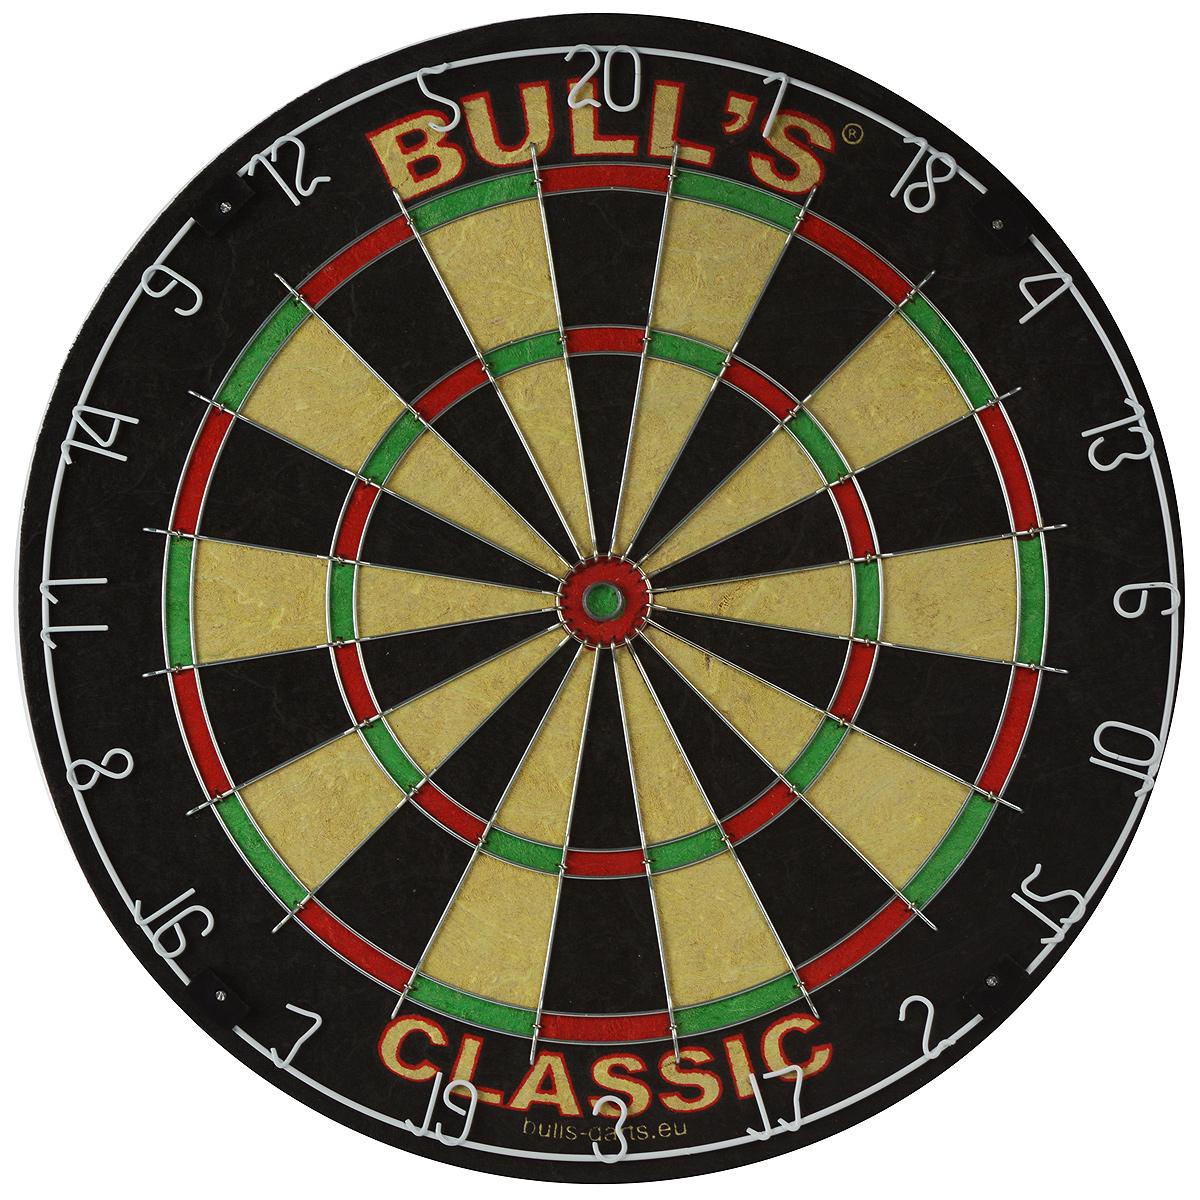 Мишень Bulls Classic Bristle Board68229Мишень Bulls Classic Bristle Board изготовлена из сизаля. Классическая конструкция мишени с круглой стальной проволокой. Имеет турнирный размер (45 х 4 см). Крепежные элементы в комплекте. Возврат товара возможен только при наличии заключения сервисного центра. Время работы сервисного центра: Пн-чт: 10.00-18.00 Пт: 10.00- 17.00 Сб, Вс: выходные дни Адрес: ООО ГАТО, 121471, г.Москва, ул. Петра Алексеева, д 12., тел. (495)232-4670, gato@gato.ru